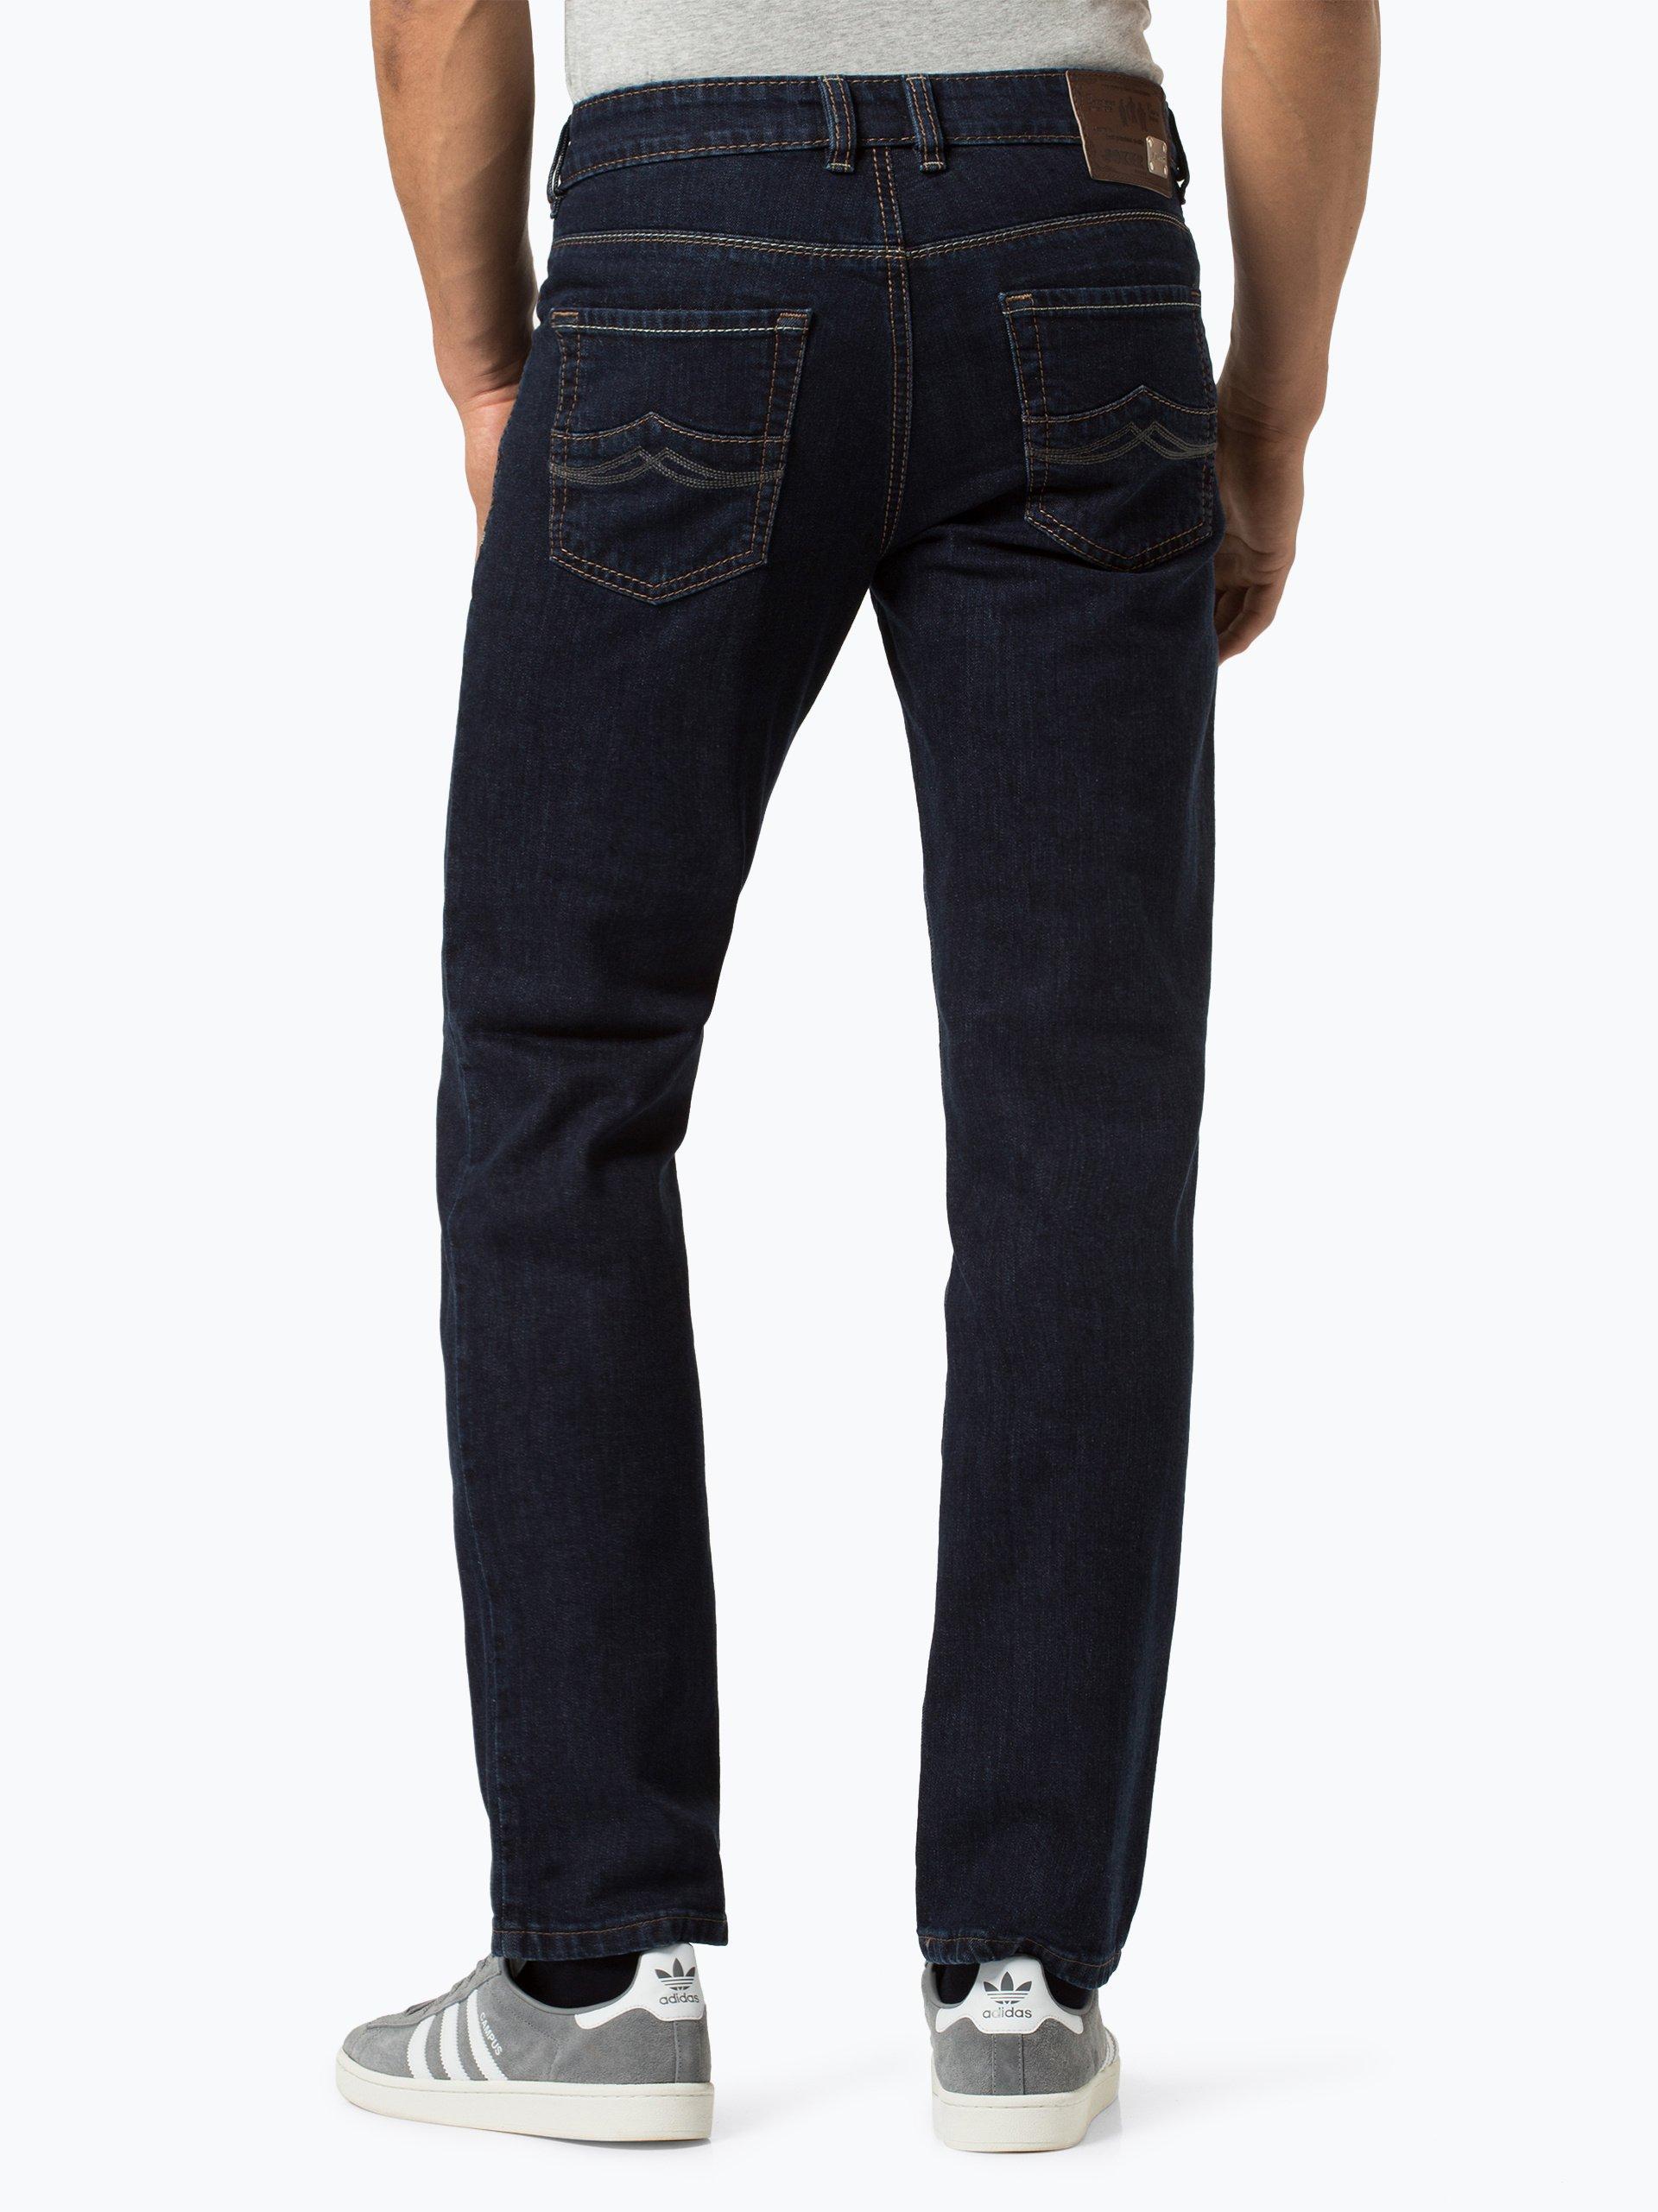 joker herren jeans freddy rinsed uni online kaufen peek und cloppenburg de. Black Bedroom Furniture Sets. Home Design Ideas